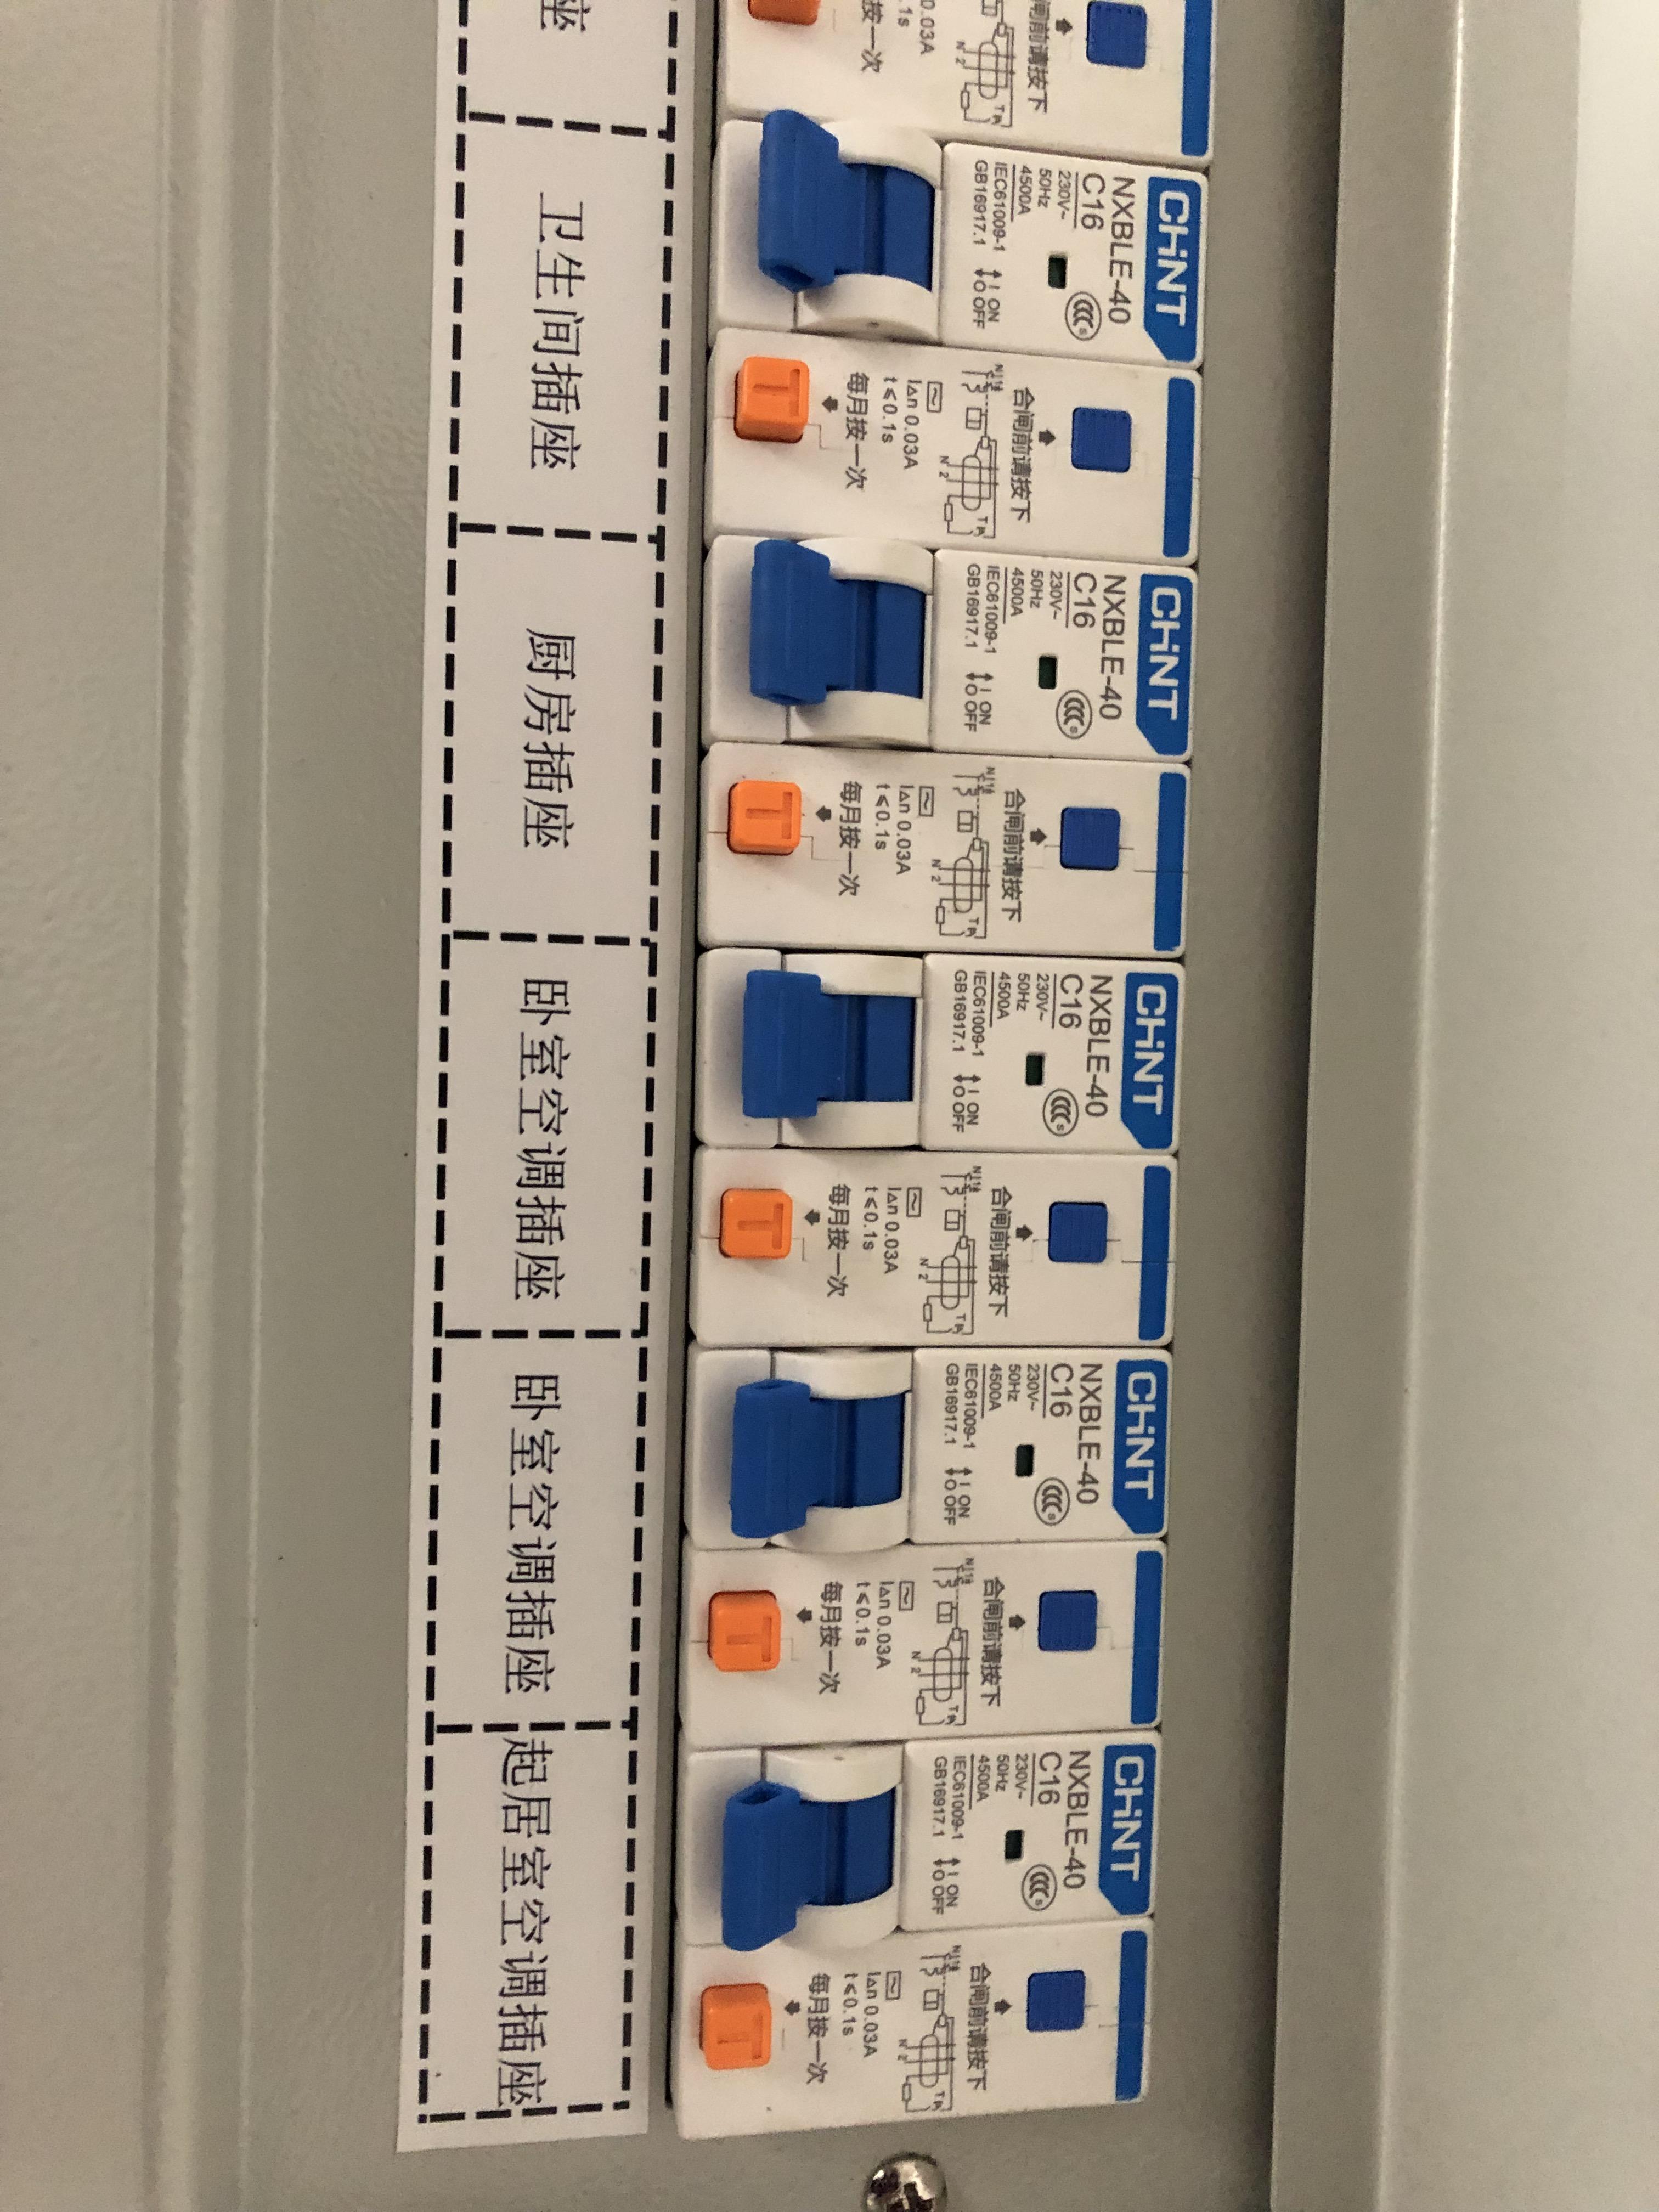 关于家庭配电箱内开关的选择和安装配置的问题,家具杂坛以前给大家分析了很多次了,可是在这里还是要给大家说说这方面的问题。现在的问题是:不同品牌的漏电保护开关和空气开关可不可以一起用?空开是40安的,那漏保要用多少安的呢?  空开和漏保的选择问题 如果大家看过家居杂坛以前分析的这种问题就会发现,空开和漏保的选择没有涉及到品牌的问题。选择空开和漏保时,我们只需要关注它的参数即额定的电流和相对应的漏电电流;所以说不同品牌的空气开关和漏电开关,只要参数是正确的,可以在配电箱内的滑轨上安装,那么都是没有问题的。举例说